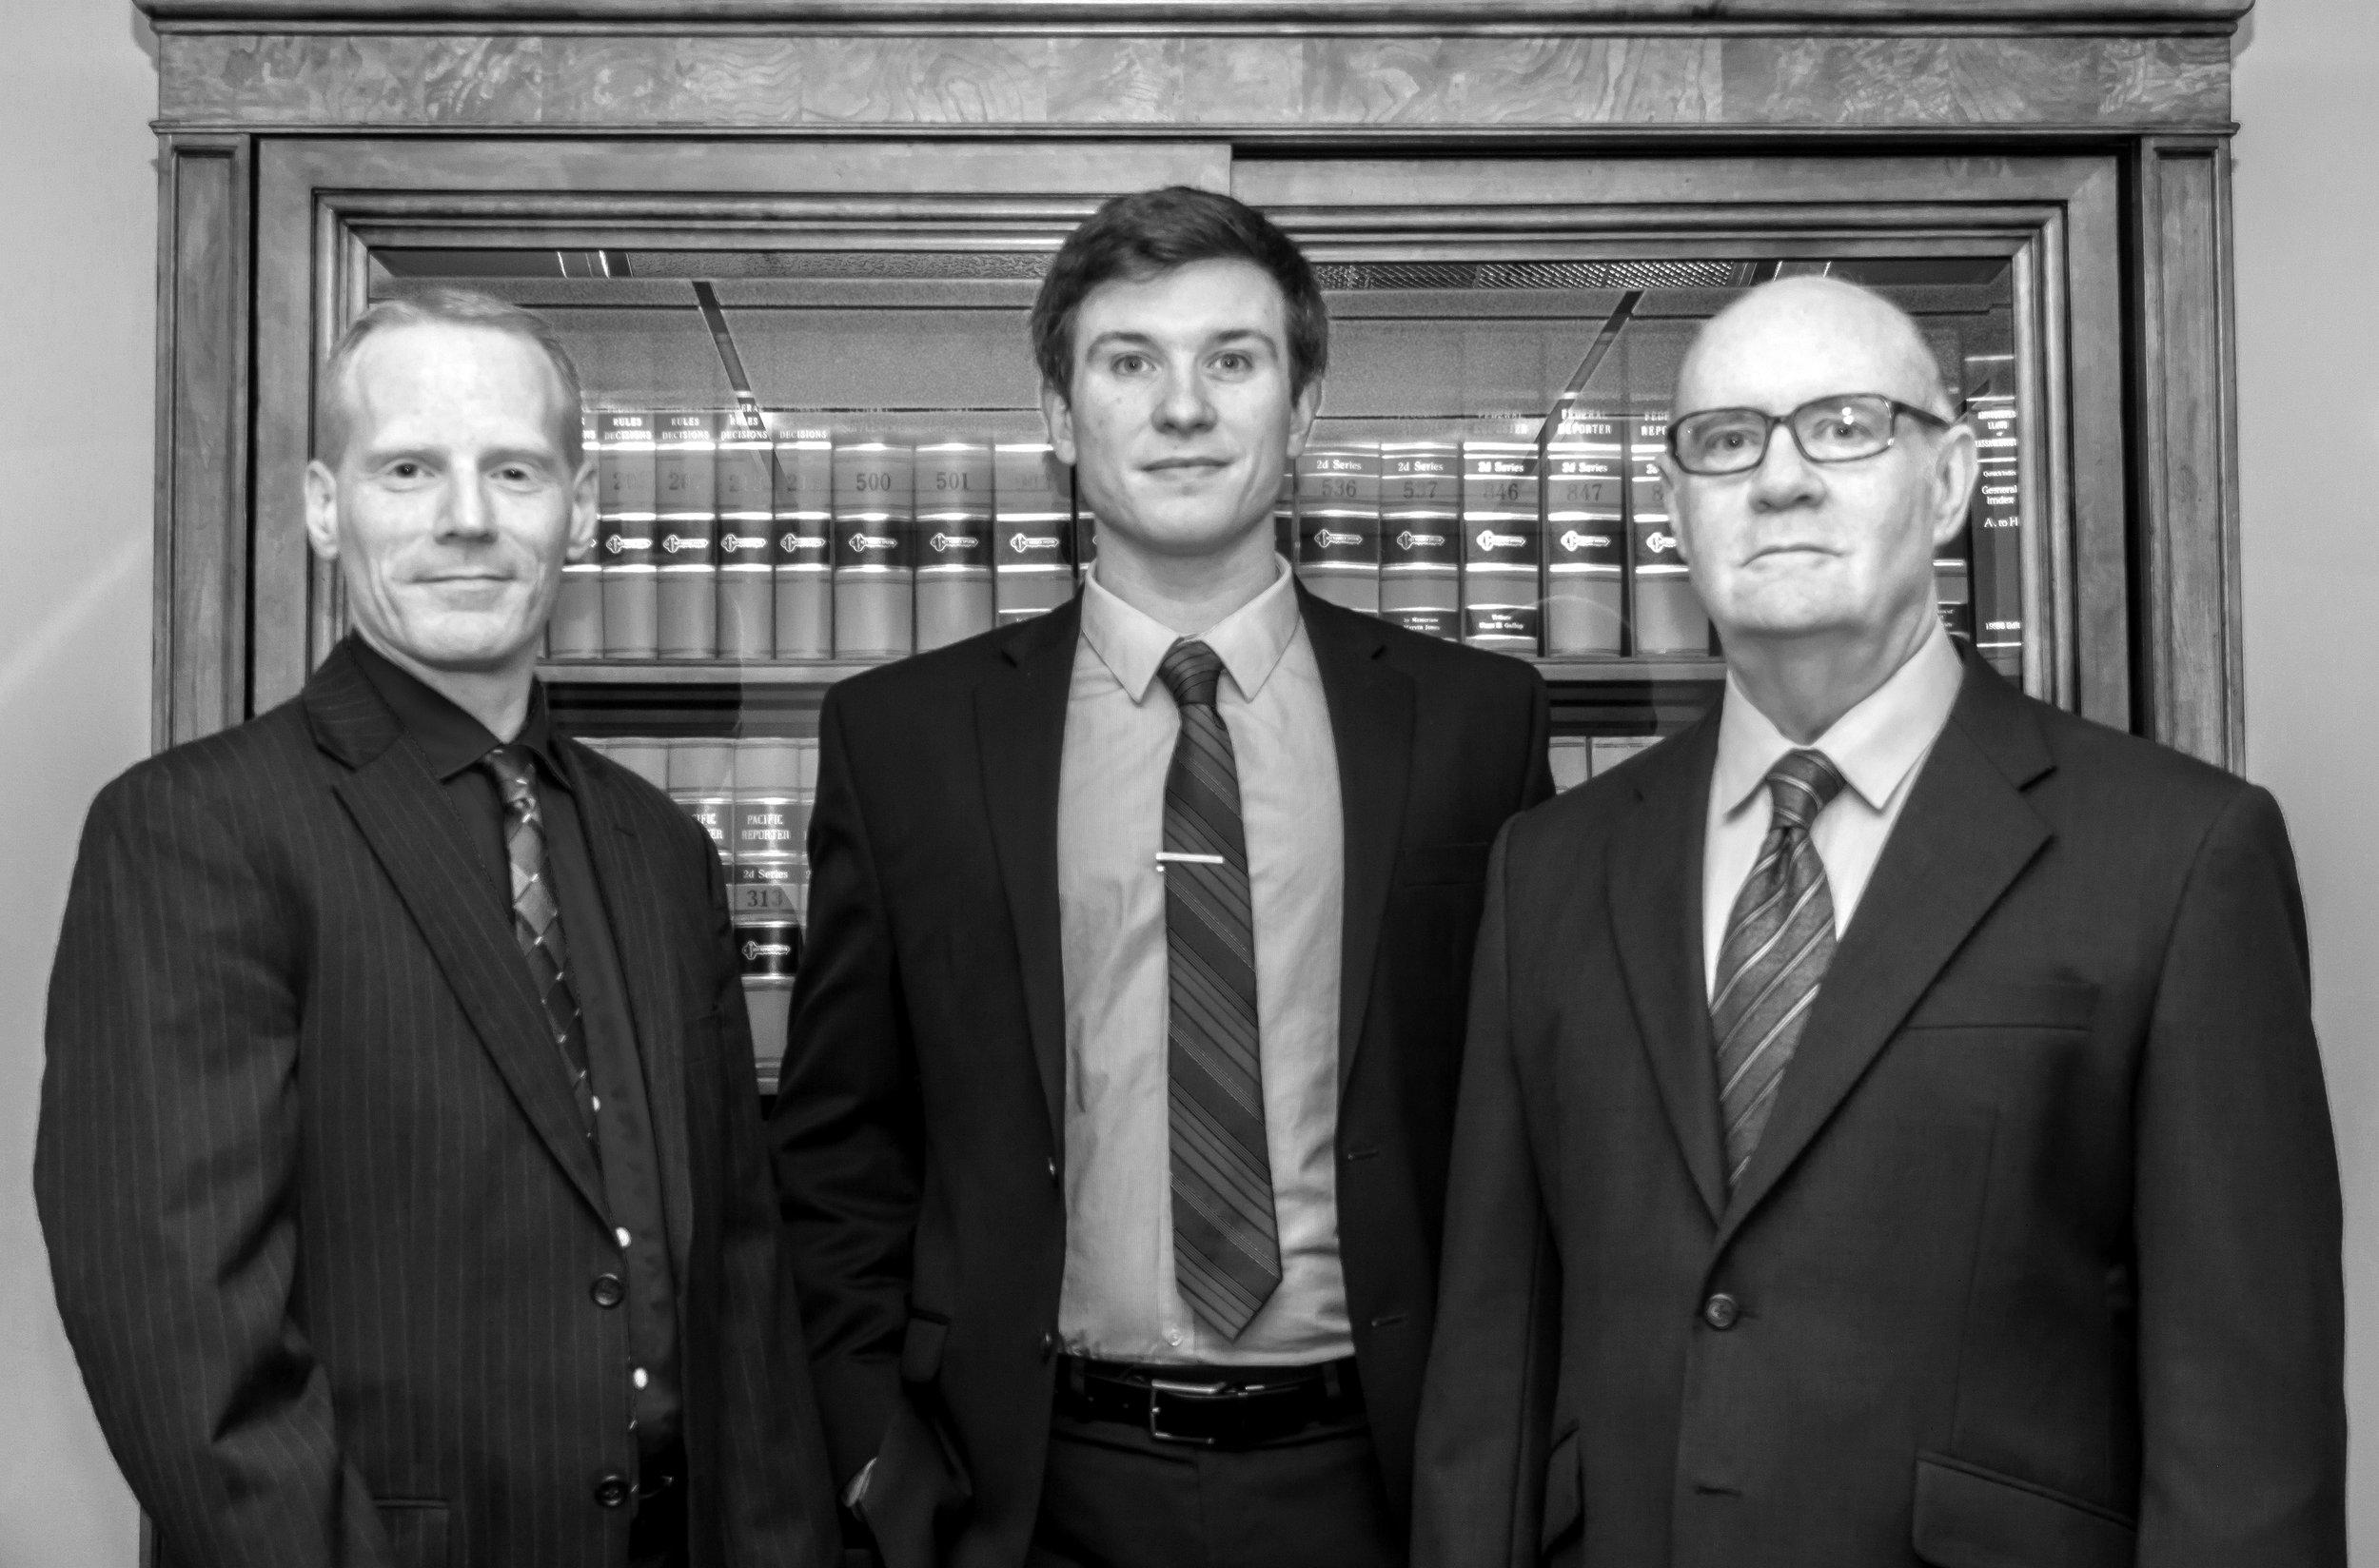 Law Office of Stark & Heiner - Attorney Michael Heiner, Assistant Brian Sapienza and Attorney Tim Stark - 2015